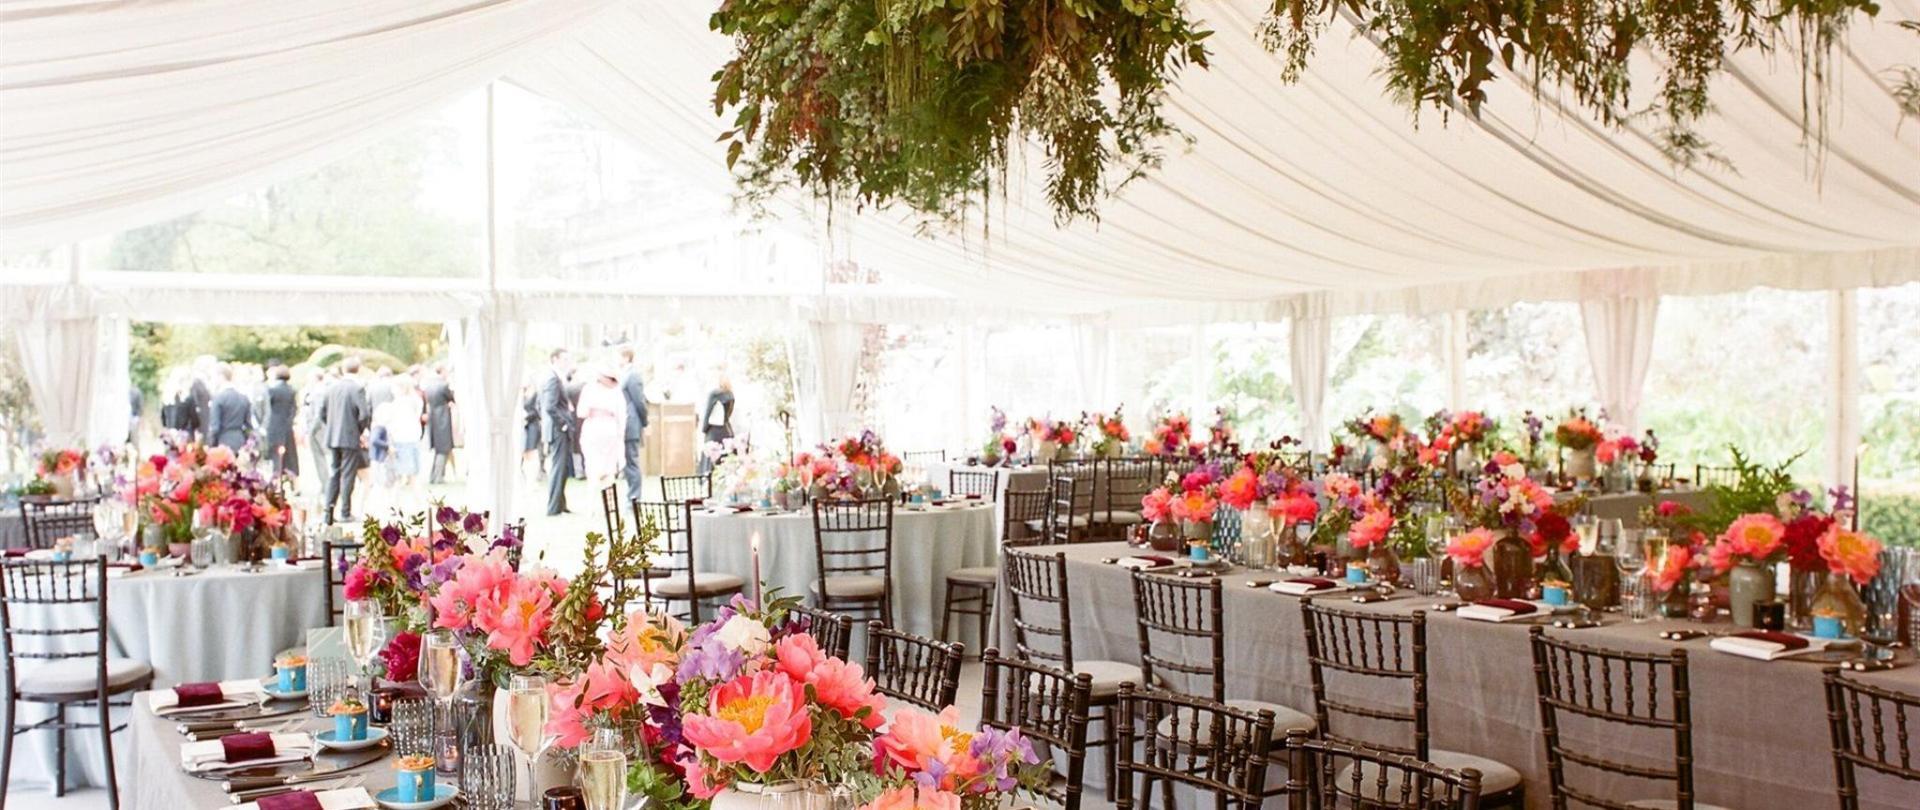 Wedding Fayre Cowley Manor.jpg